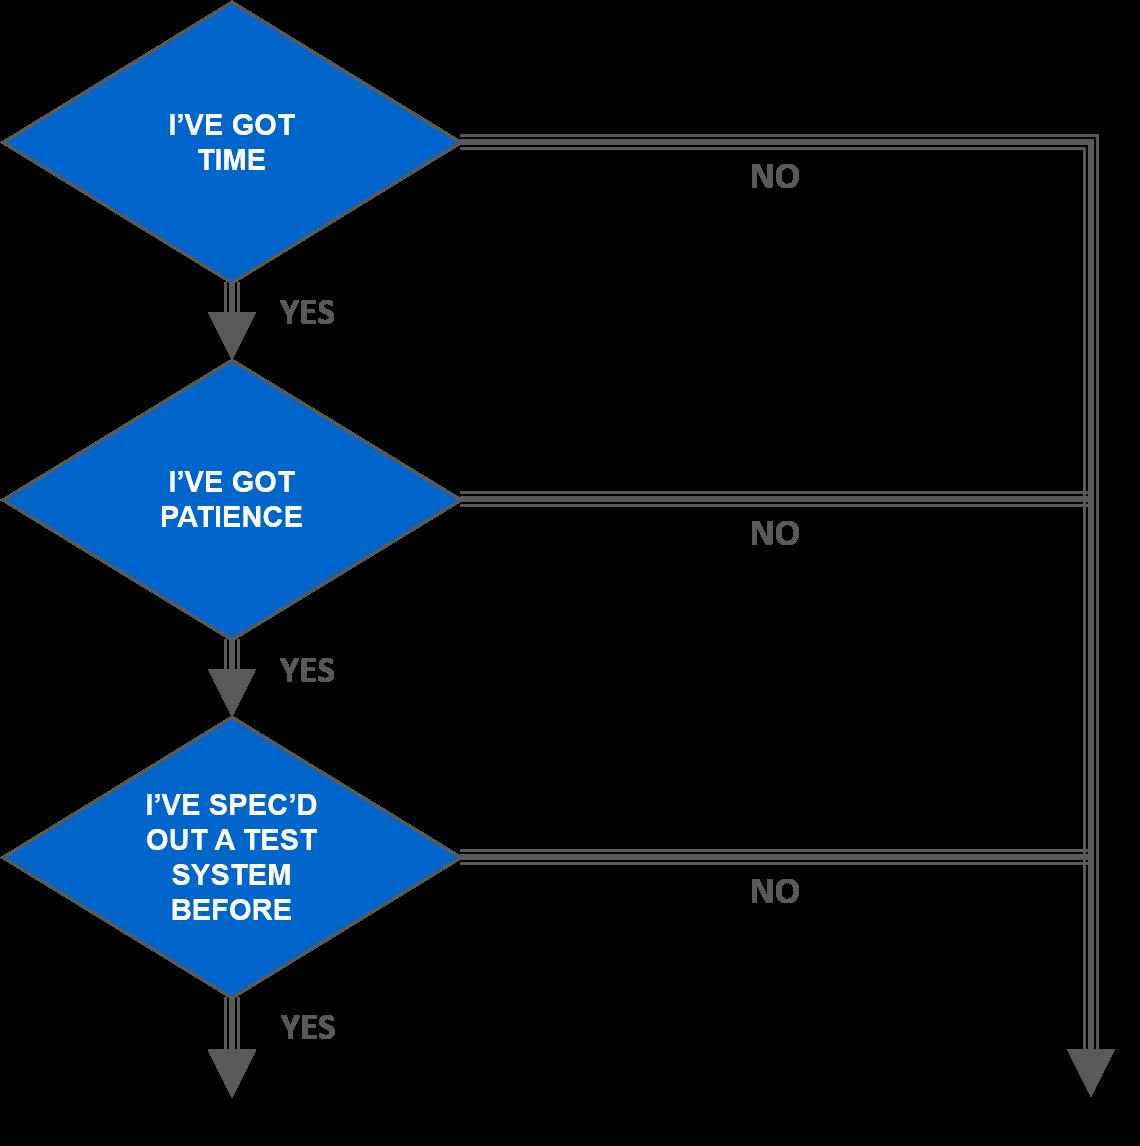 requirements-DIY-decision-flow